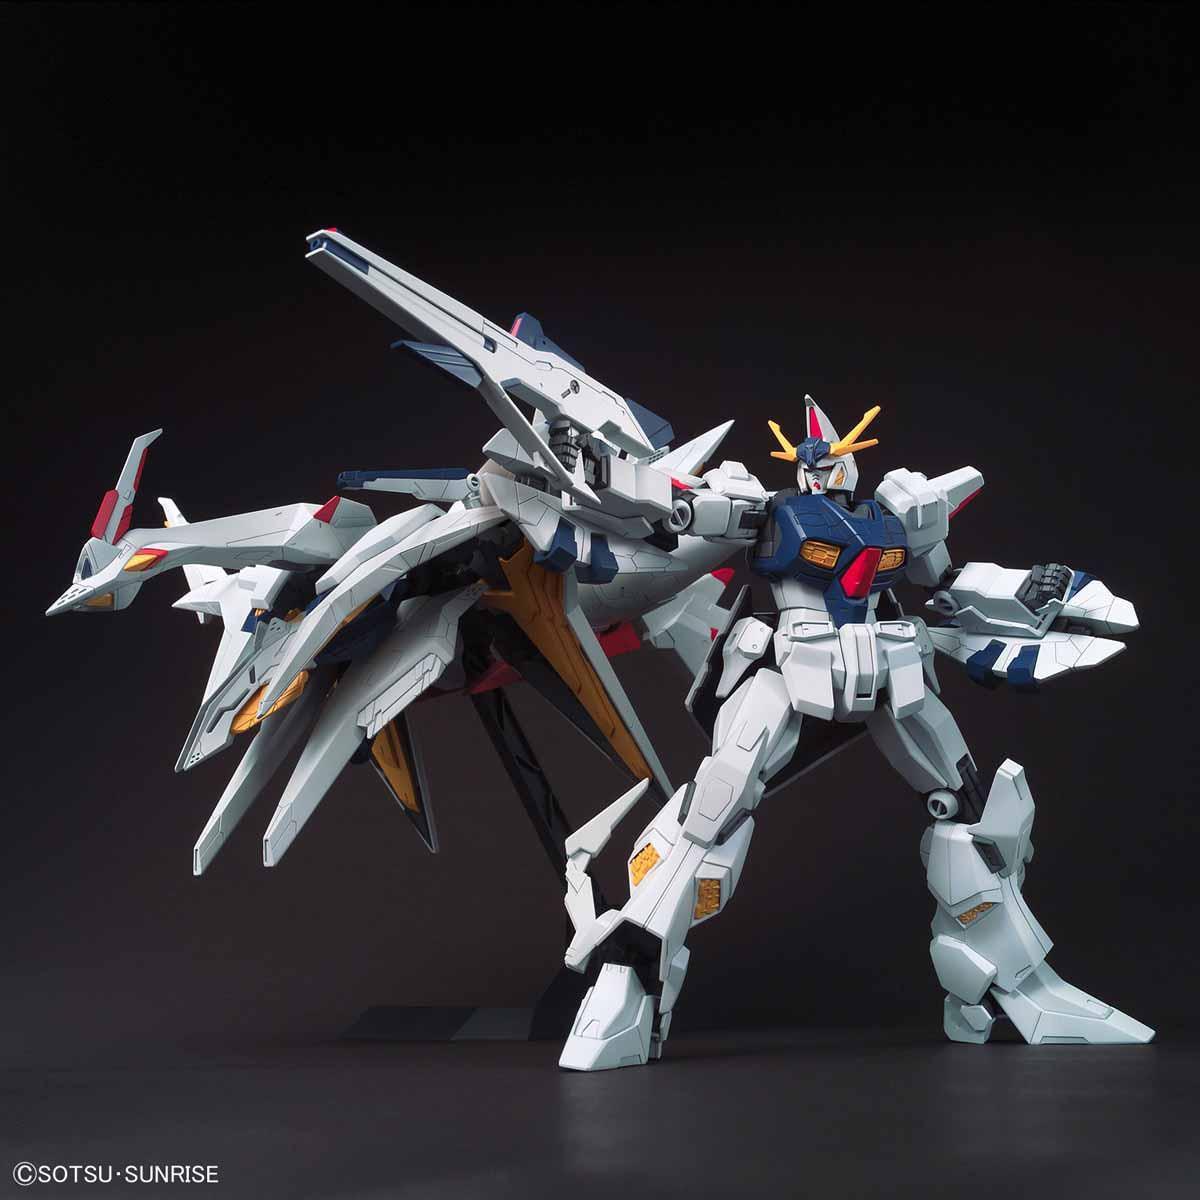 【再販】HGUC 1/144『ペーネロペー』機動戦士ガンダム 閃光のハサウェイ プラモデル-008